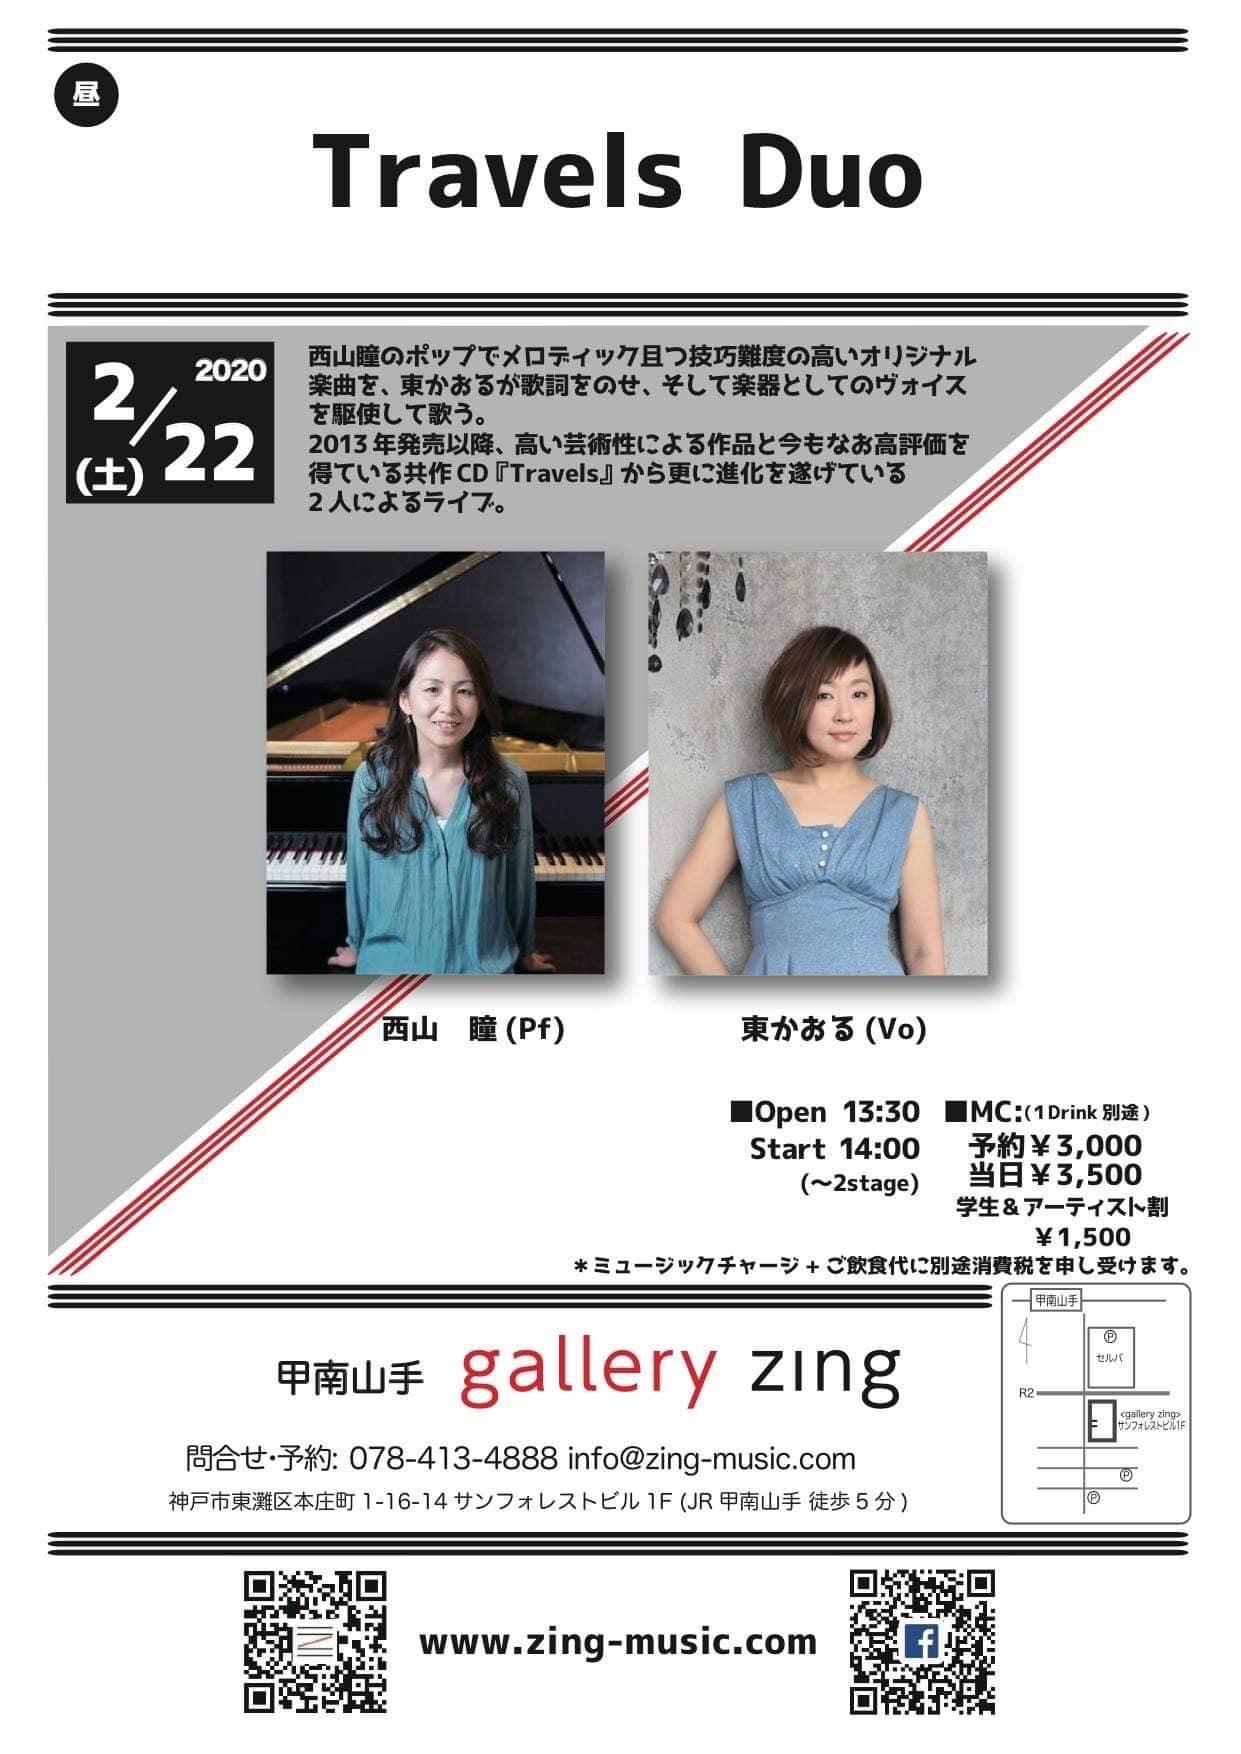 Travels Duo ありがとう_b0148714_12432388.jpg